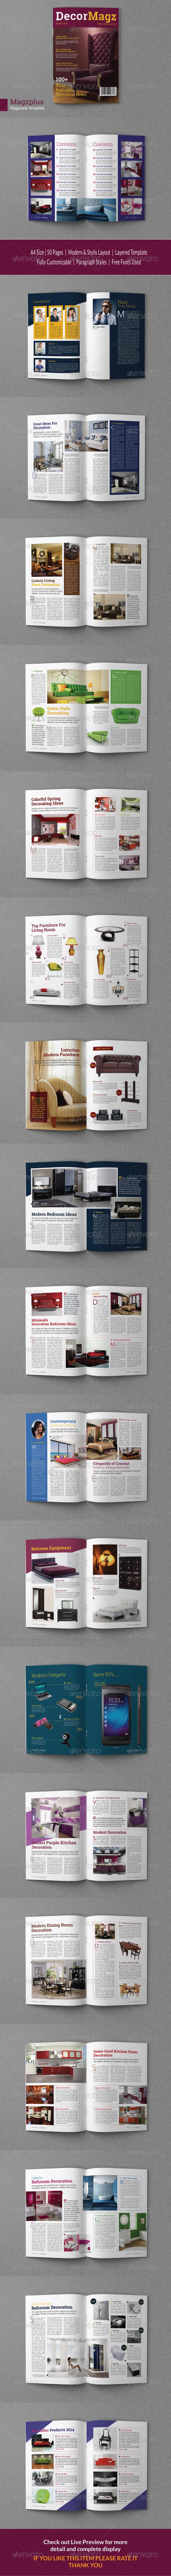 GraphicRiver Decormagz Magazine Template 6967437